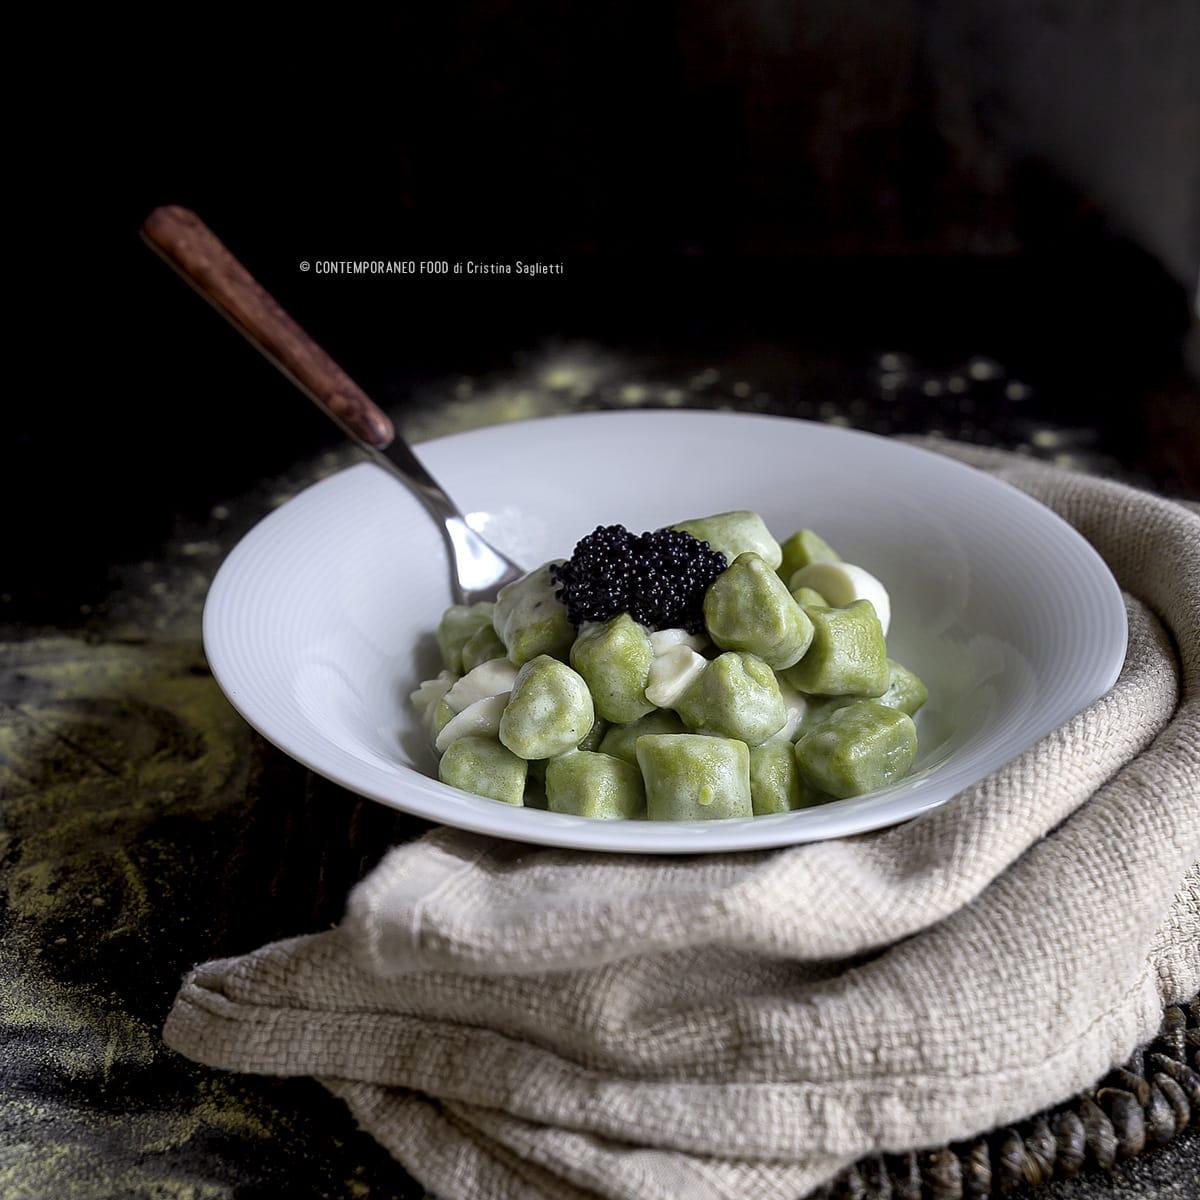 gnocchi-farina-piselli-burrata-caviale-farine-alternative-primi-contemporaneo-food